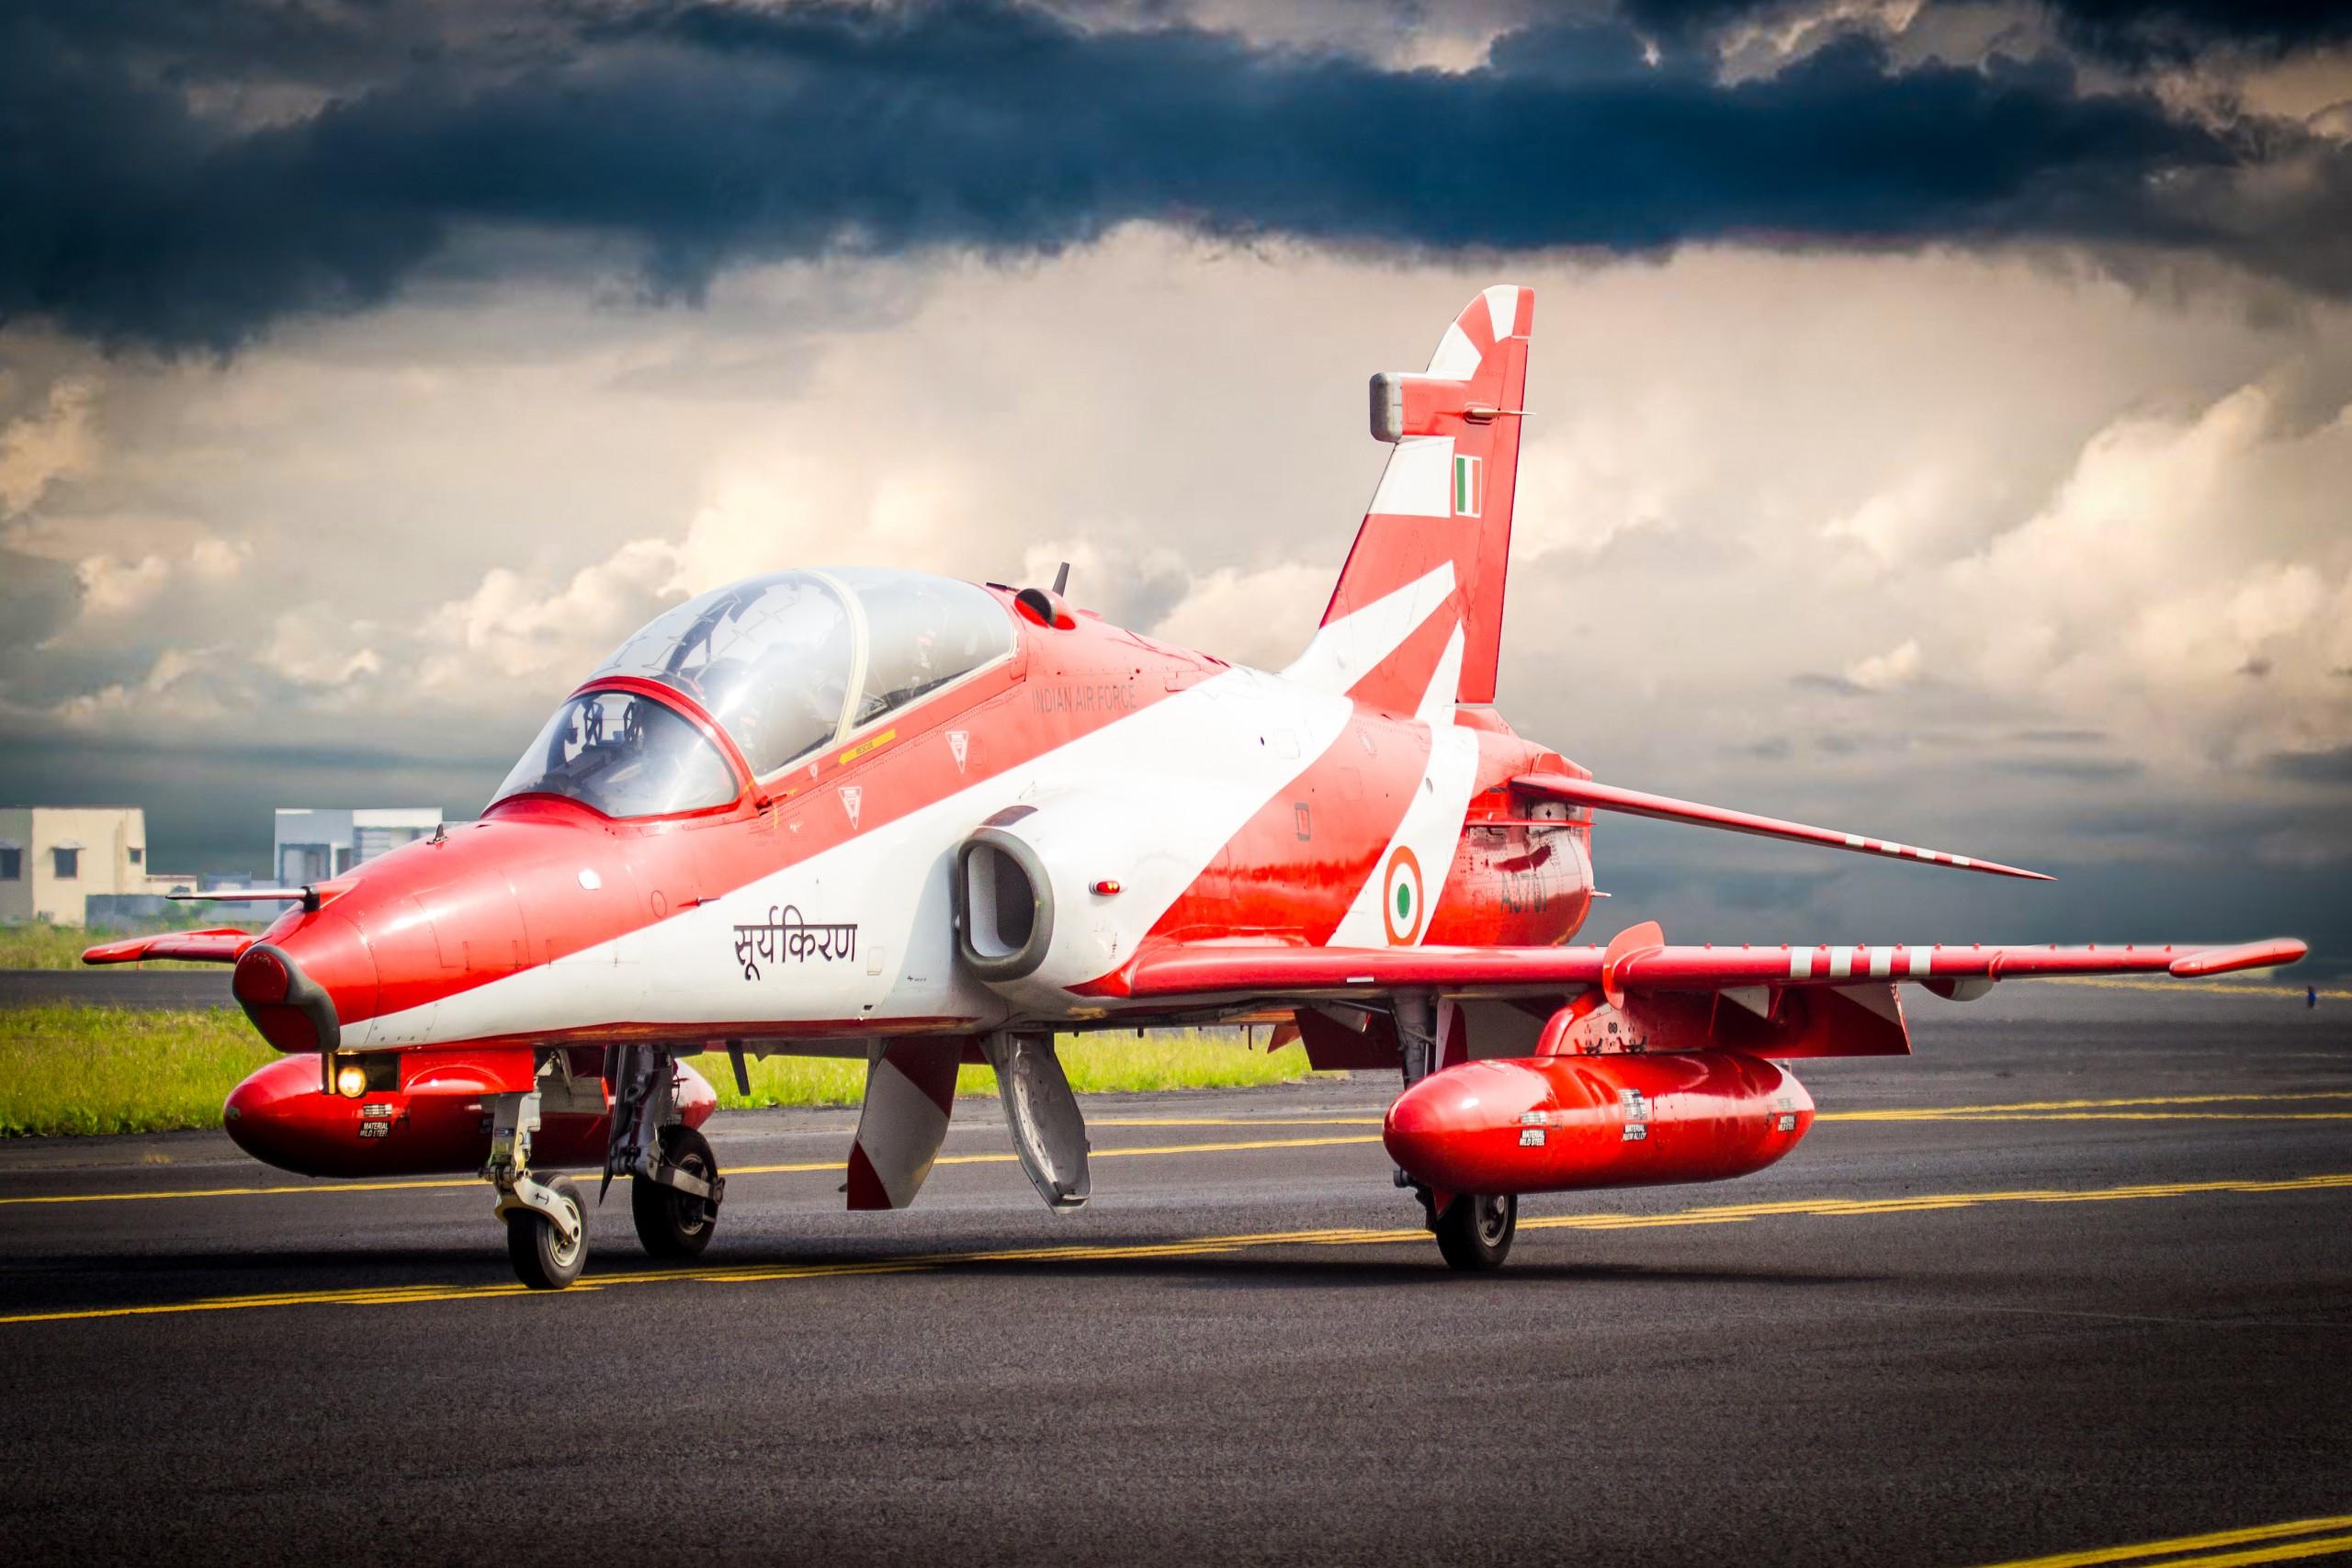 Suryakiran aircraft of Indian Air Force